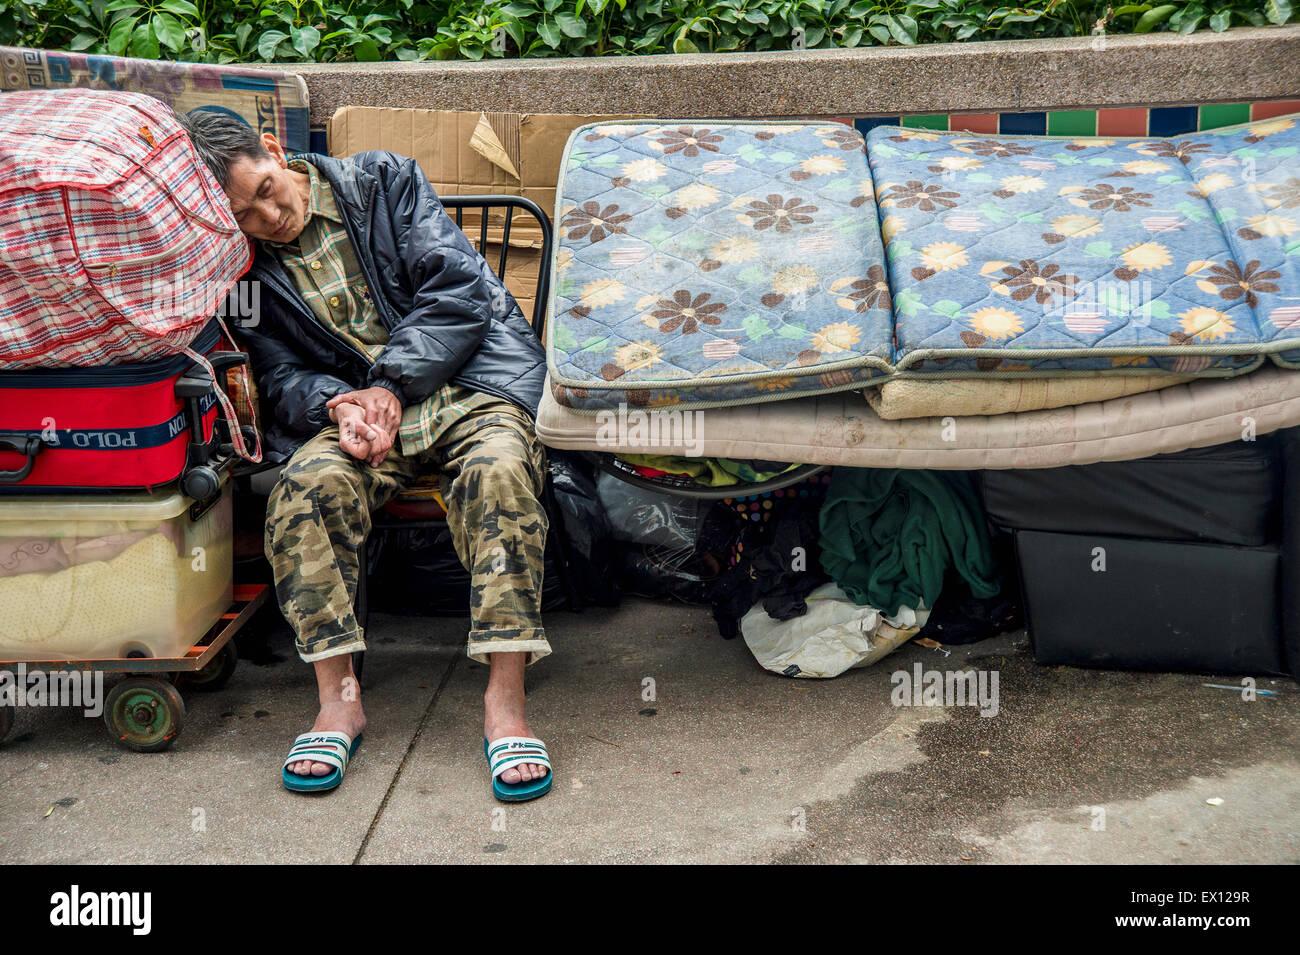 Homeless man asleep in Hong-Kong, China - Stock Image